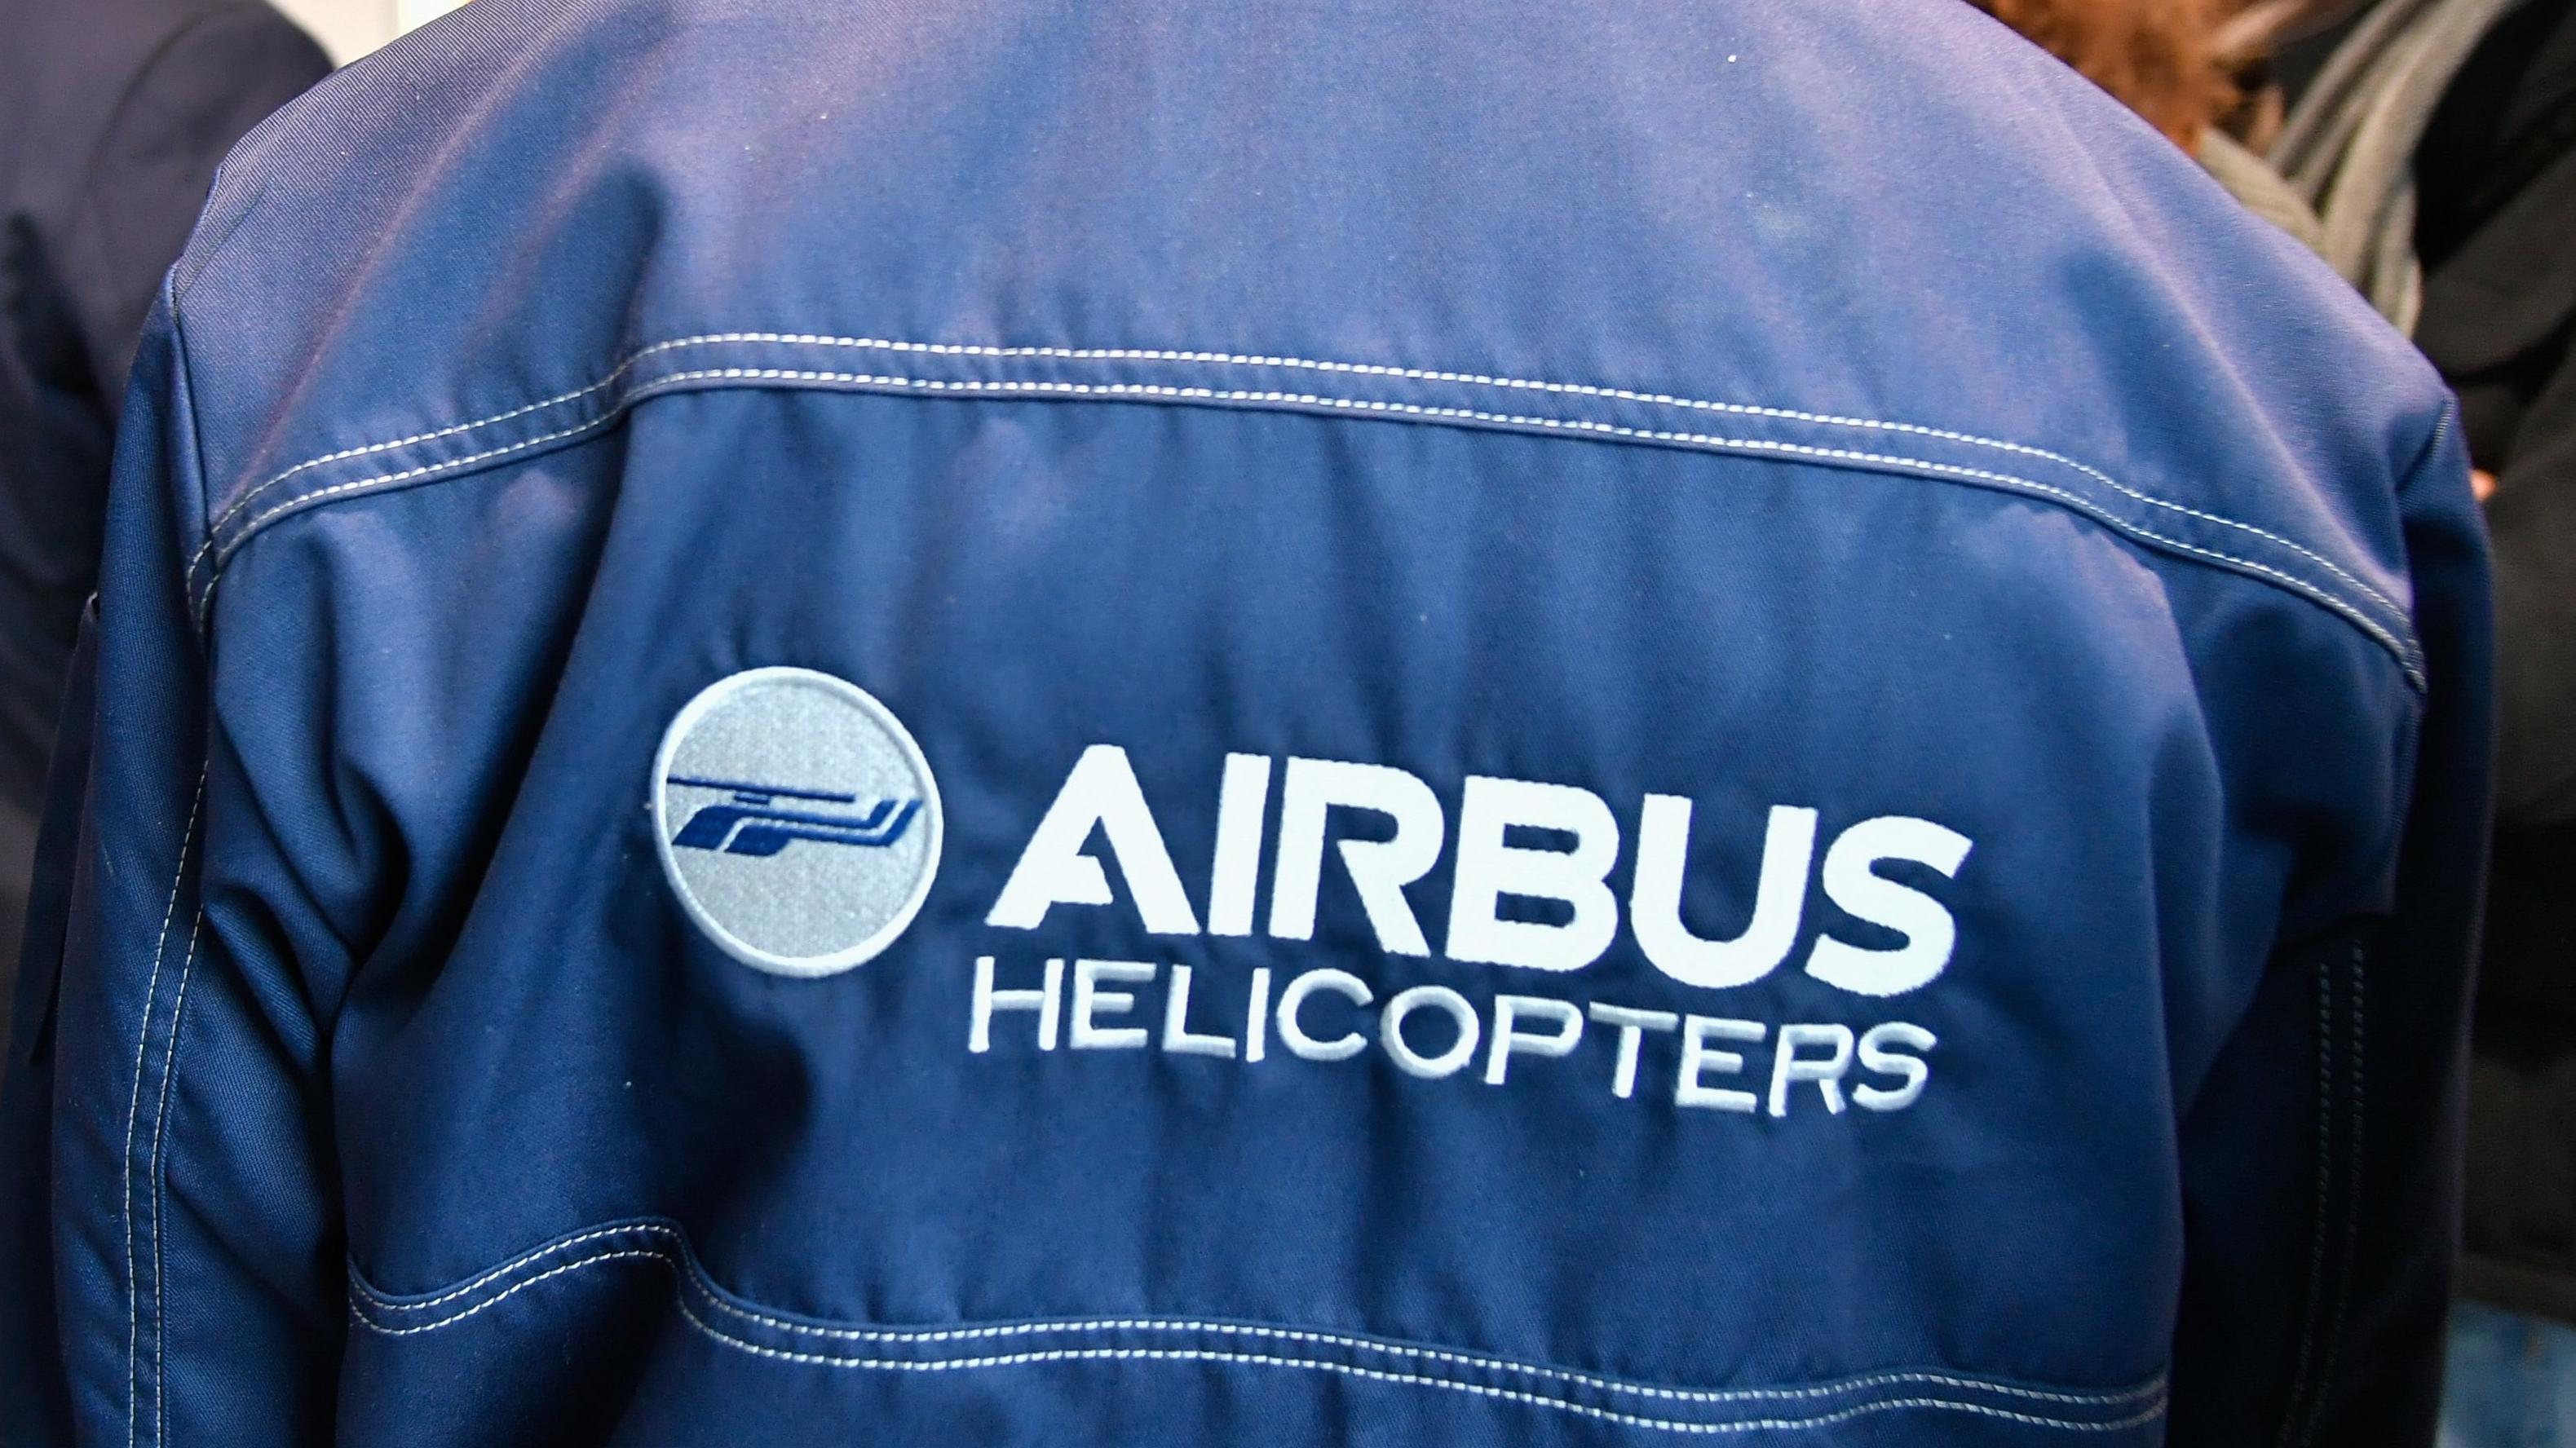 Eine Jacke mit dem Logo von Airbus Helicopters